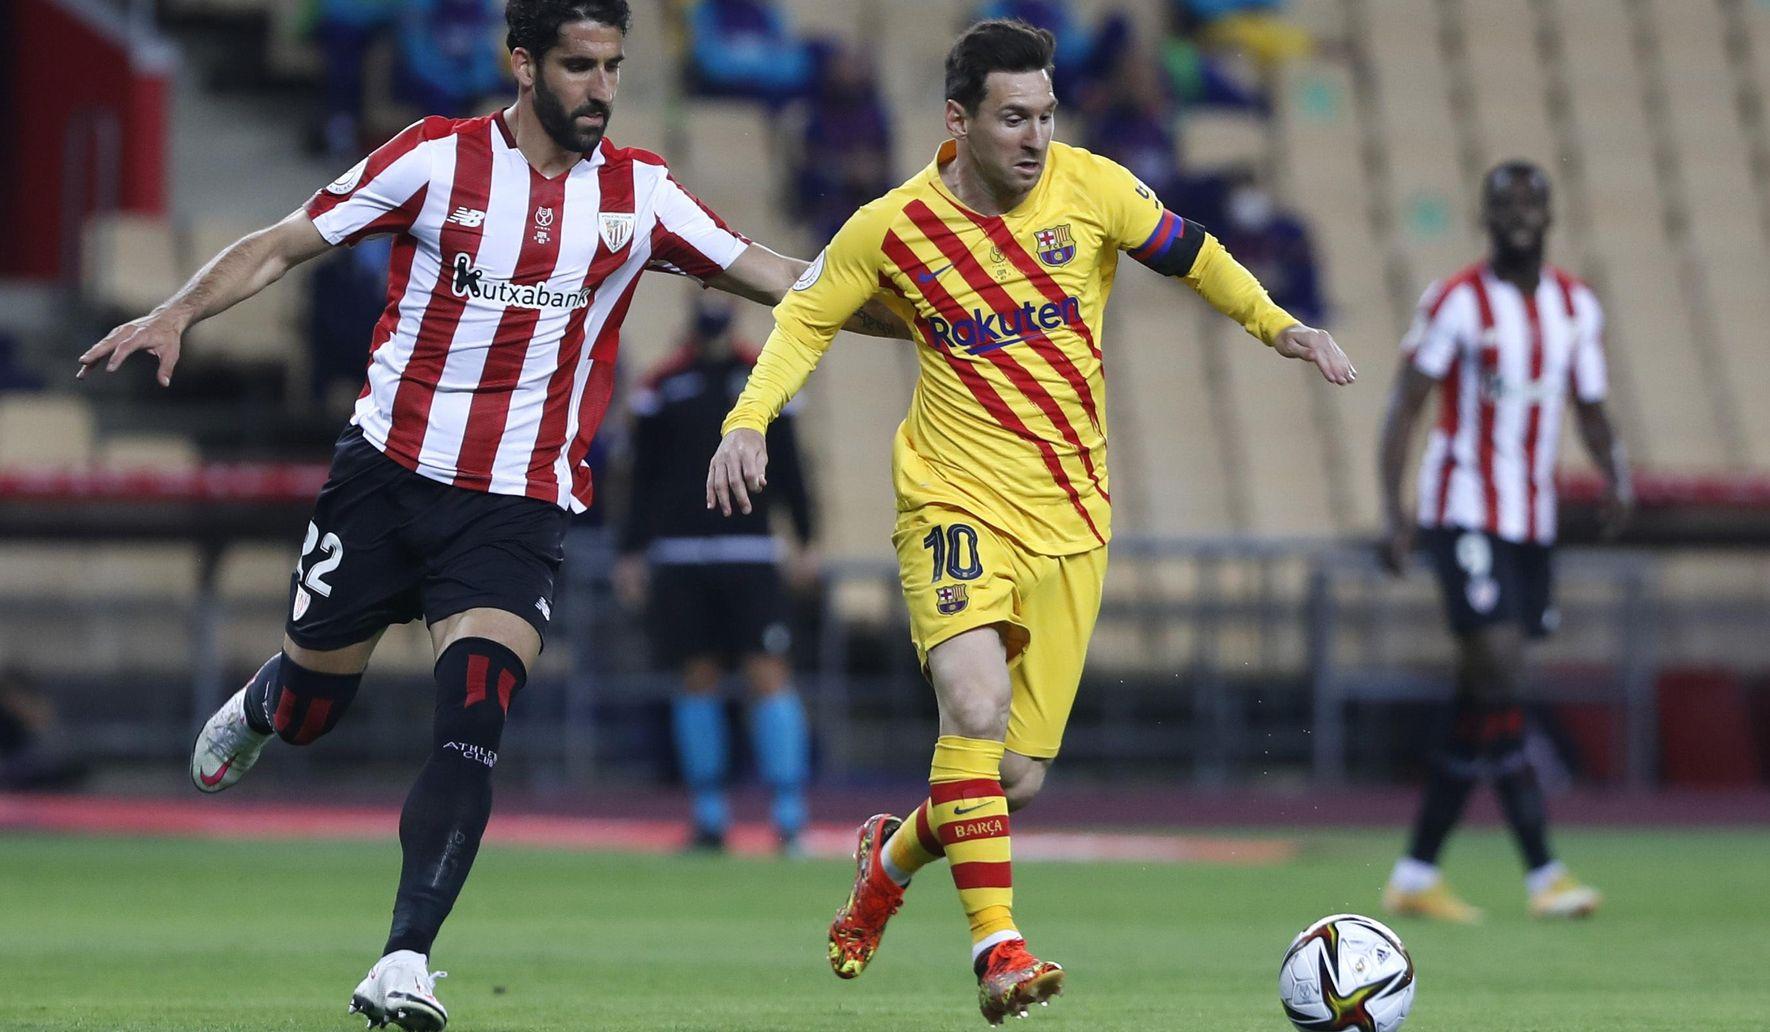 Spain_soccer_la_liga_13025_c0-113-2708-1691_s1770x1032